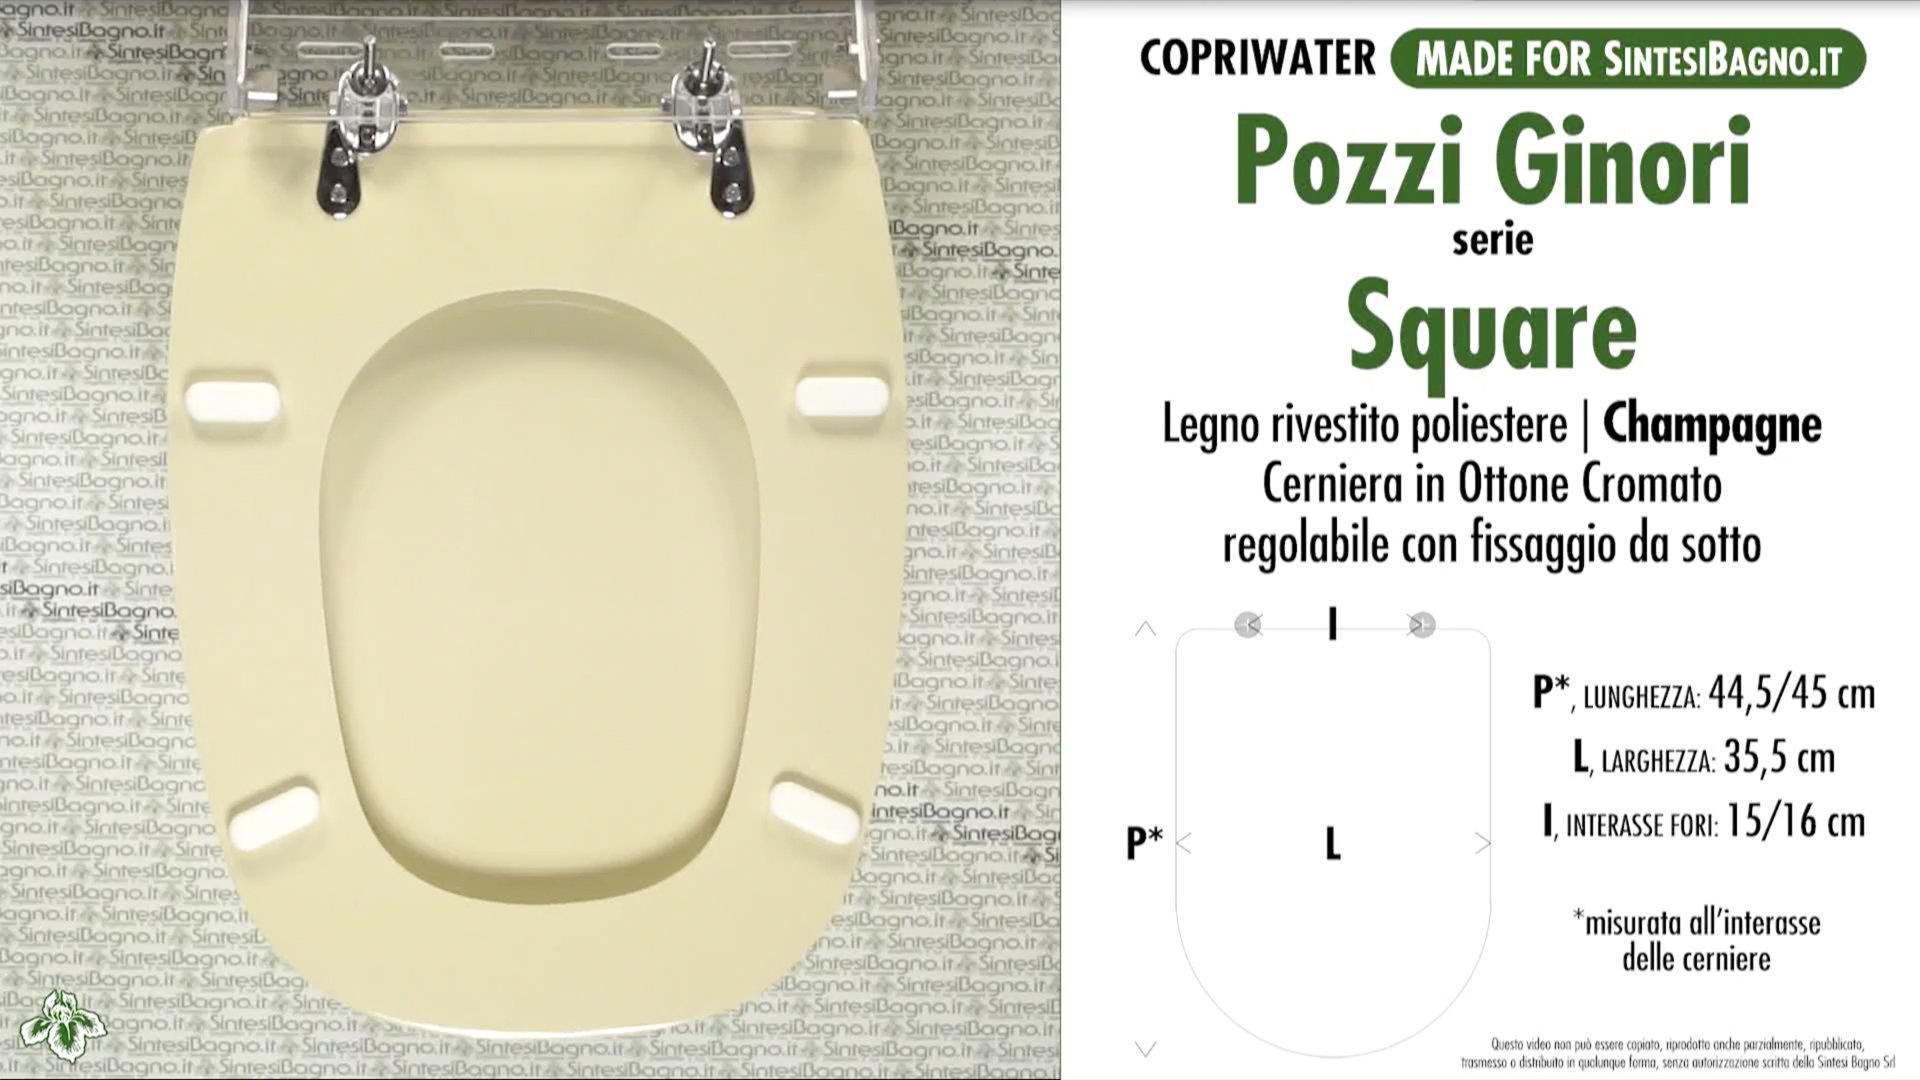 Sedile Per Water Pozzi Ginori.Copriwater Per Wc Square Pozzi Ginori Champagne Ricambio Dedicato Sintesibagno Shop Online